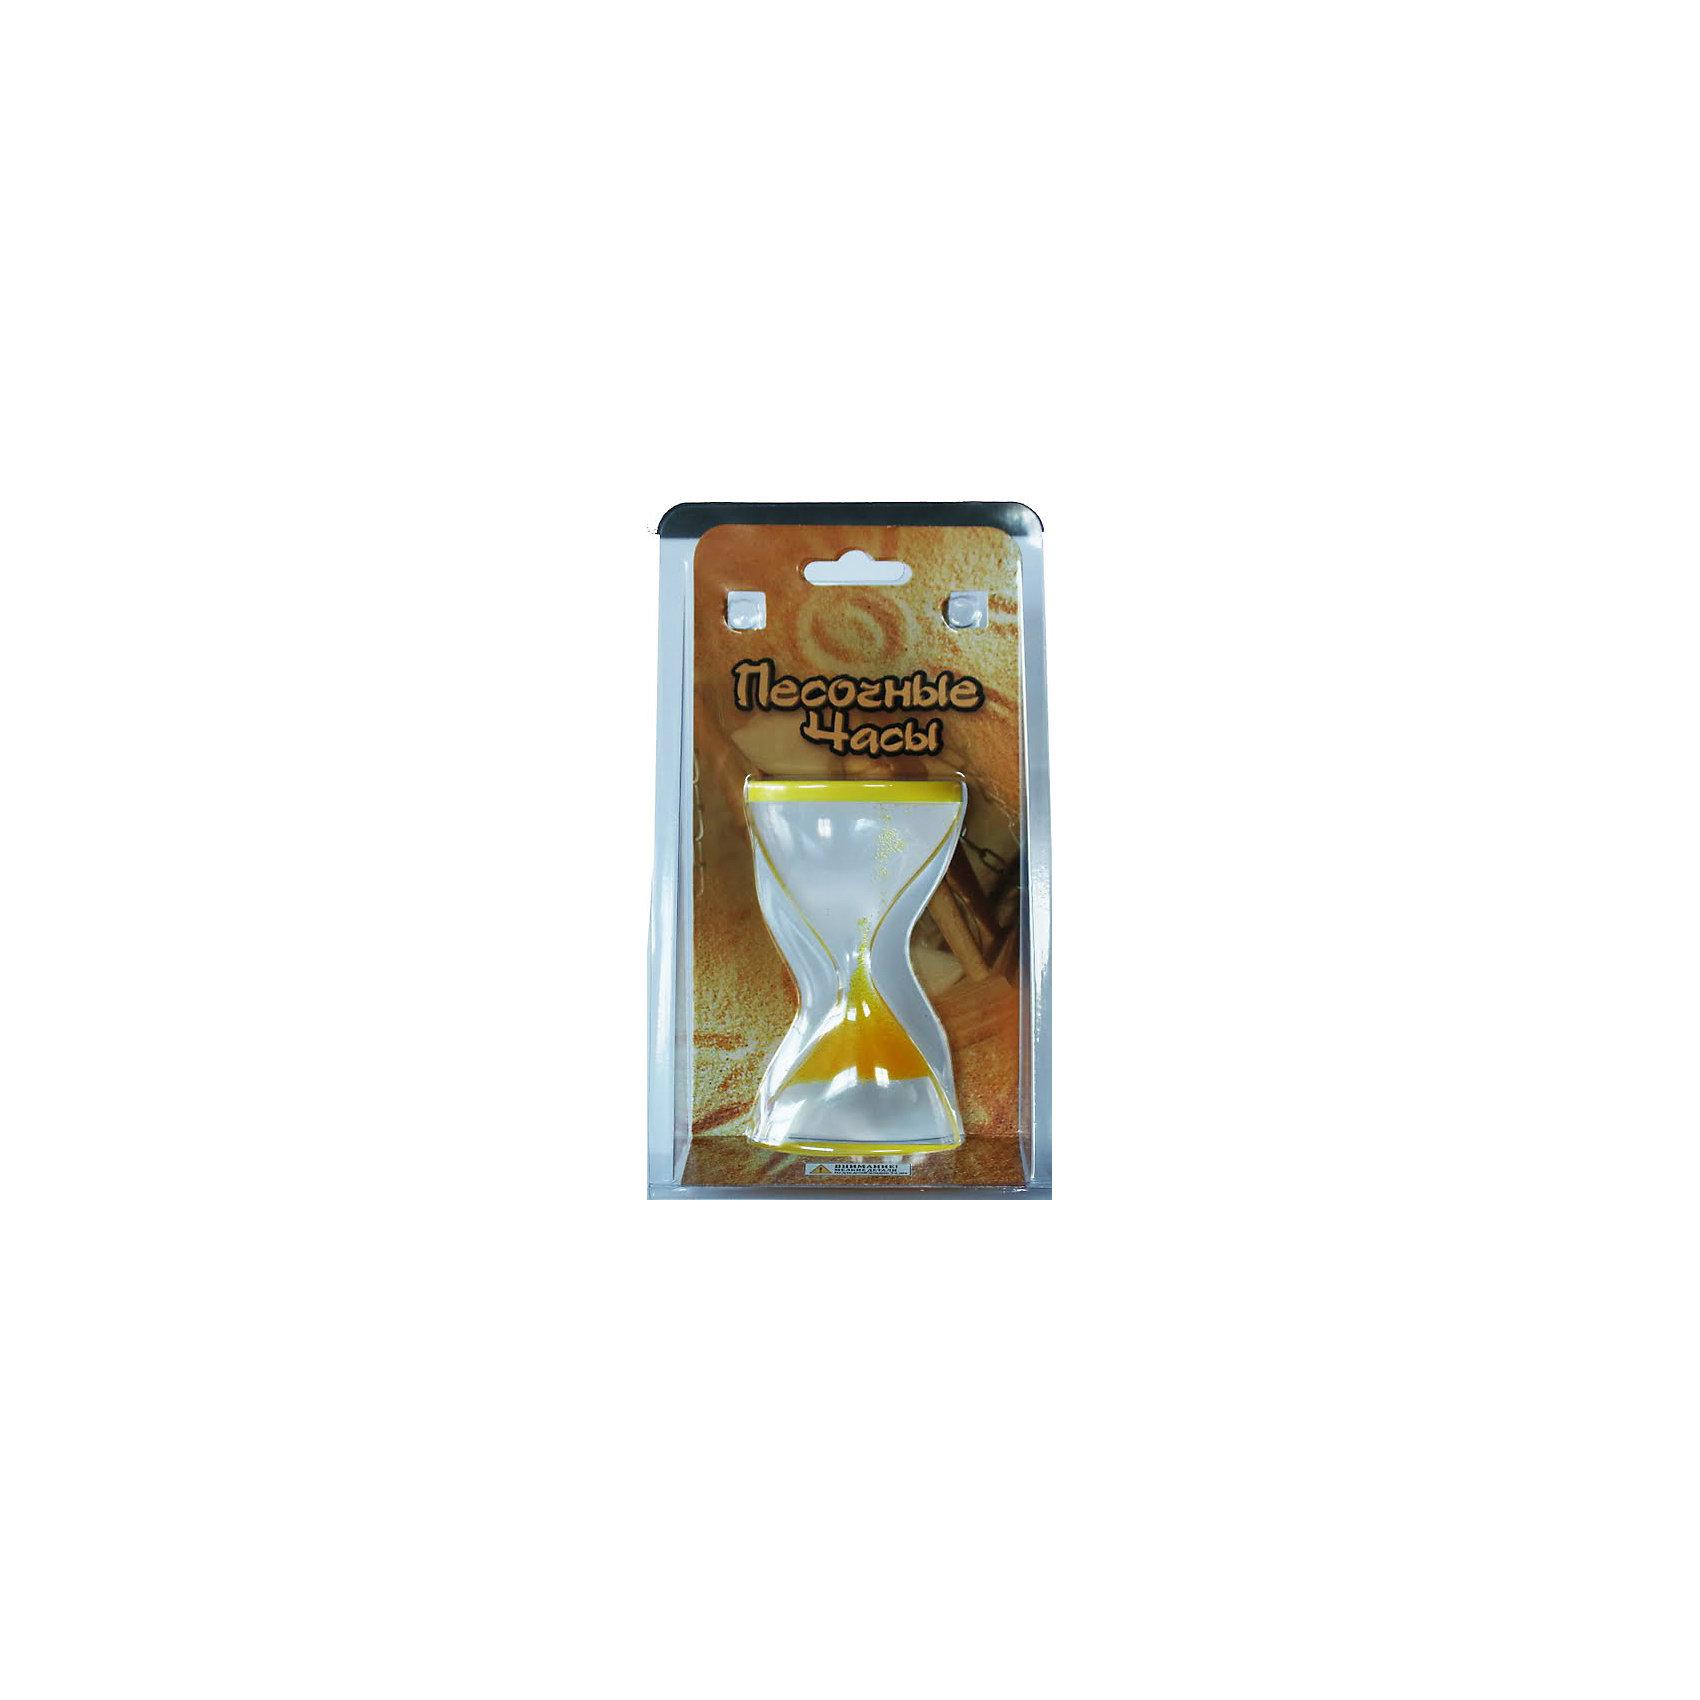 Песочные Часы Волшебные ОбратныеЭксперименты и опыты<br>Характеристики:<br><br>• Вид игр: развивающие, для релаксации<br>• Материал: пластик, оргстекло<br>• Временной промежуток: 3 минуты<br>• Размеры упаковки (Д*Ш*В): 7,2*11,5*19,8 см<br>• Вес в упаковке: 112 г<br>• Особенности ухода: допускается сухая чистка<br><br>Корпус песочных часов выполнен из безопасного и ударопрочного оргстекла. Изделие имеет обтекаемую форму без острых углов. Внутри часов ярко желтый песок поднимается вверх.<br><br>Песочные Часы Волшебные Обратные можно купить в нашем интернет-магазине.<br><br>Ширина мм: 72<br>Глубина мм: 115<br>Высота мм: 198<br>Вес г: 112<br>Возраст от месяцев: 36<br>Возраст до месяцев: 108<br>Пол: Унисекс<br>Возраст: Детский<br>SKU: 5124745